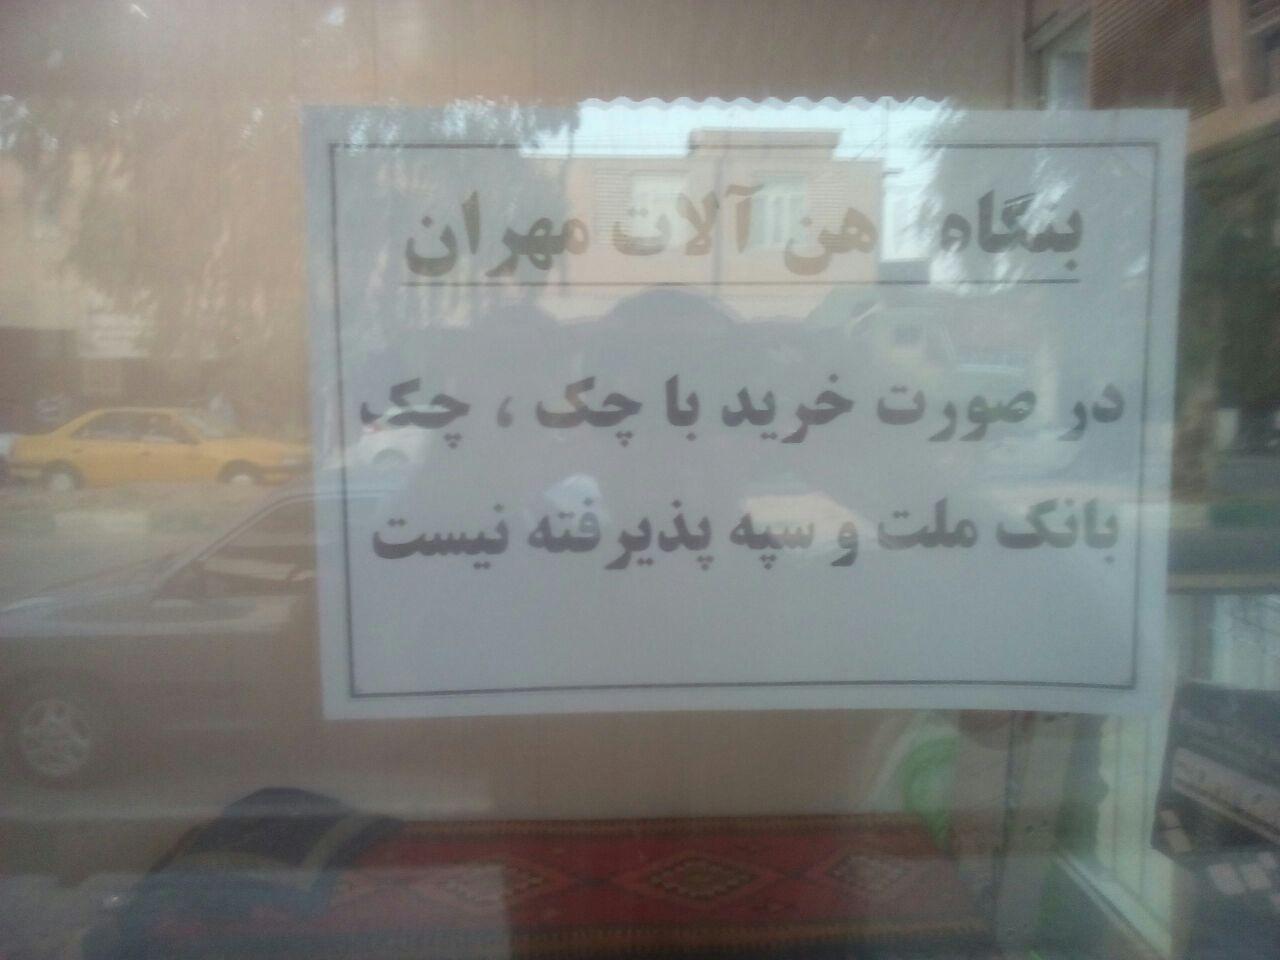 یک بنگاه آهن آلات بانک ملت و سپه را تحریم کرد! + عکس